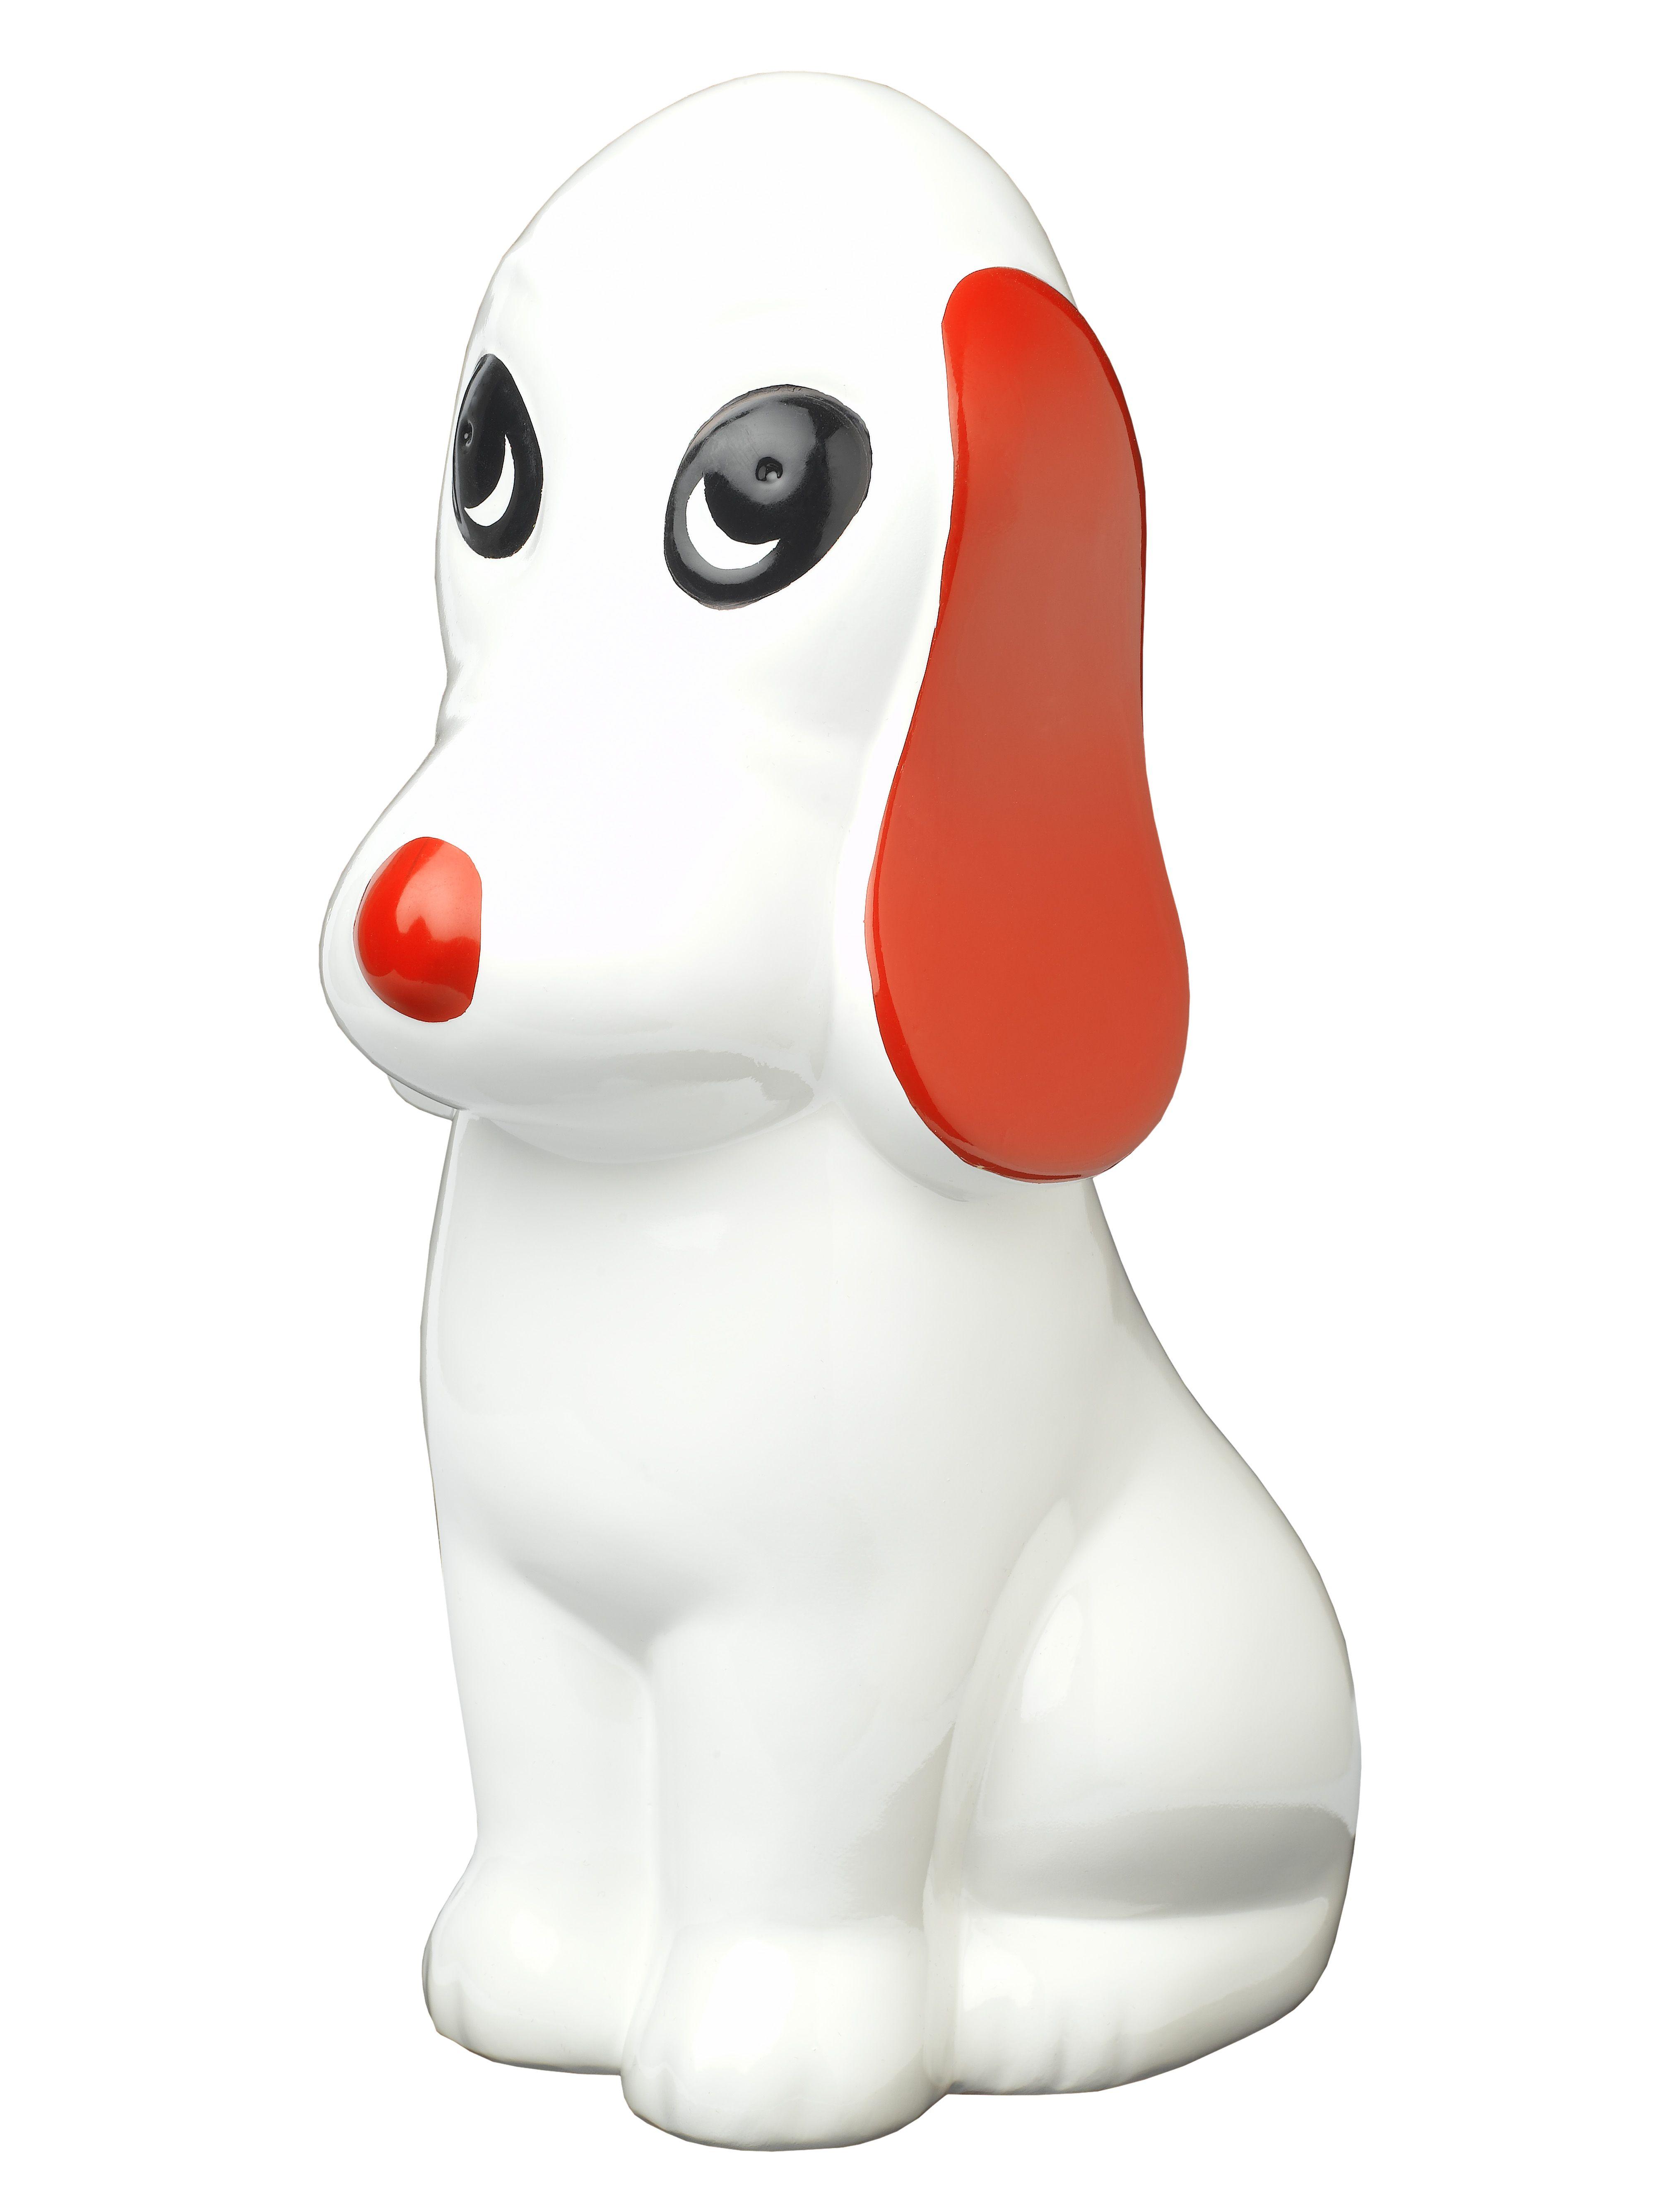 Lindo Algodón Hecho a Mano Bolsa De Regalo De Navidad Cachorro 9 pulgadas de alto sin las manijas.